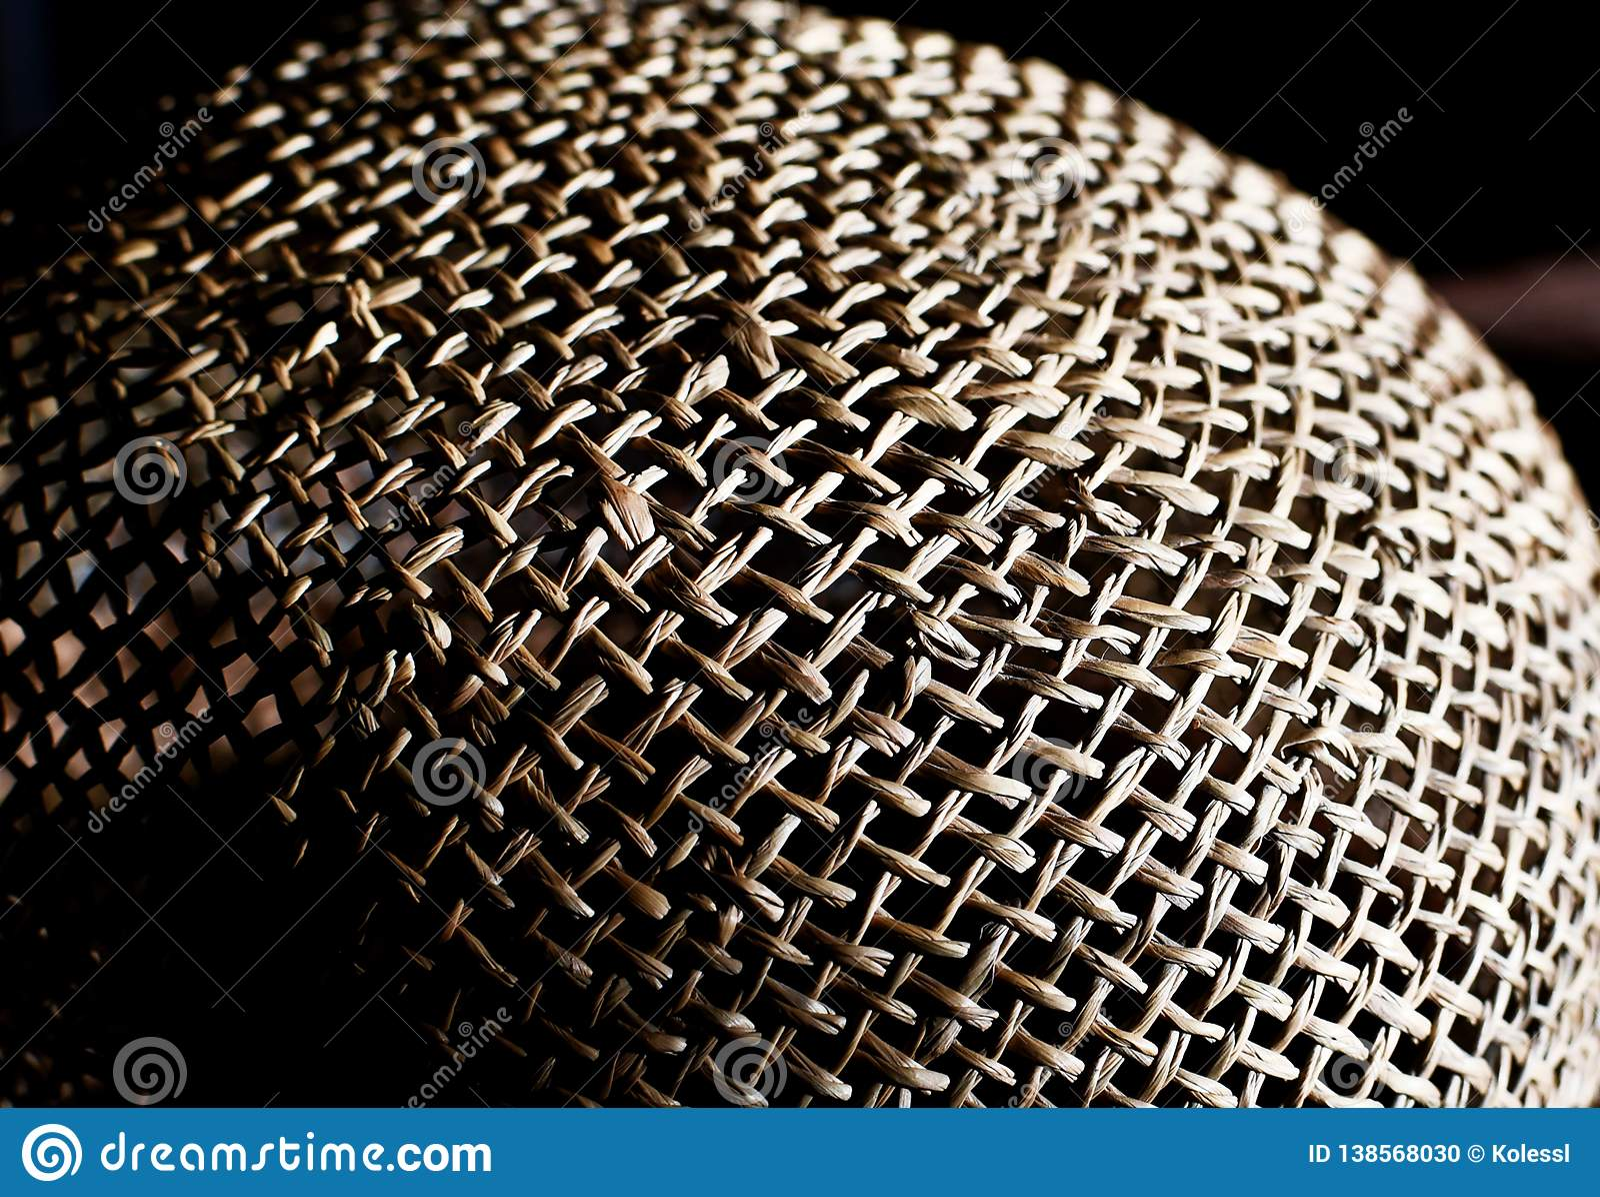 Straw hat texture, pattern background